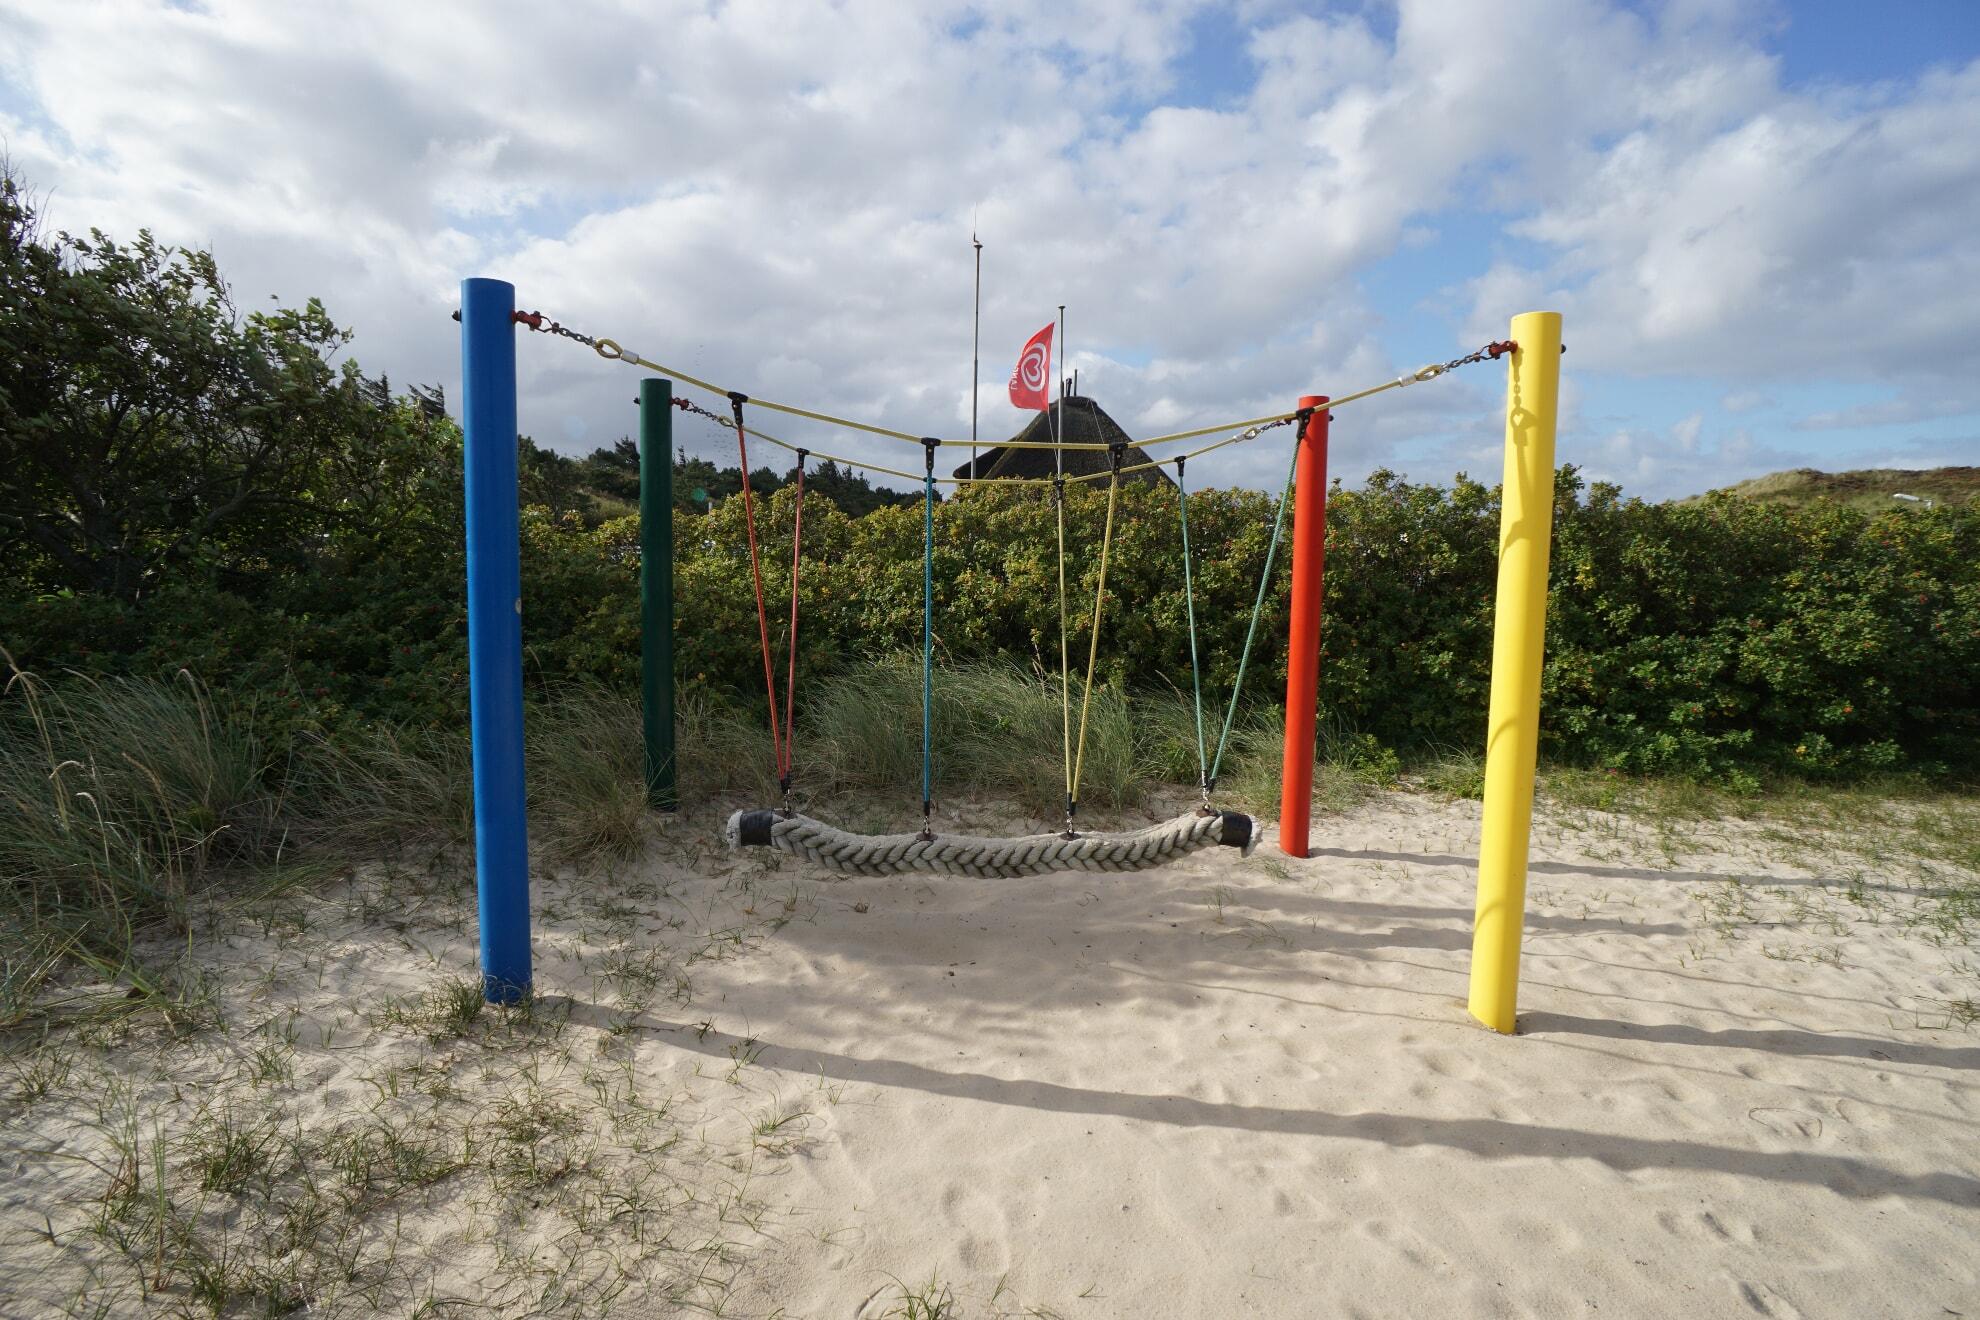 Spielplatz am Möwenweg